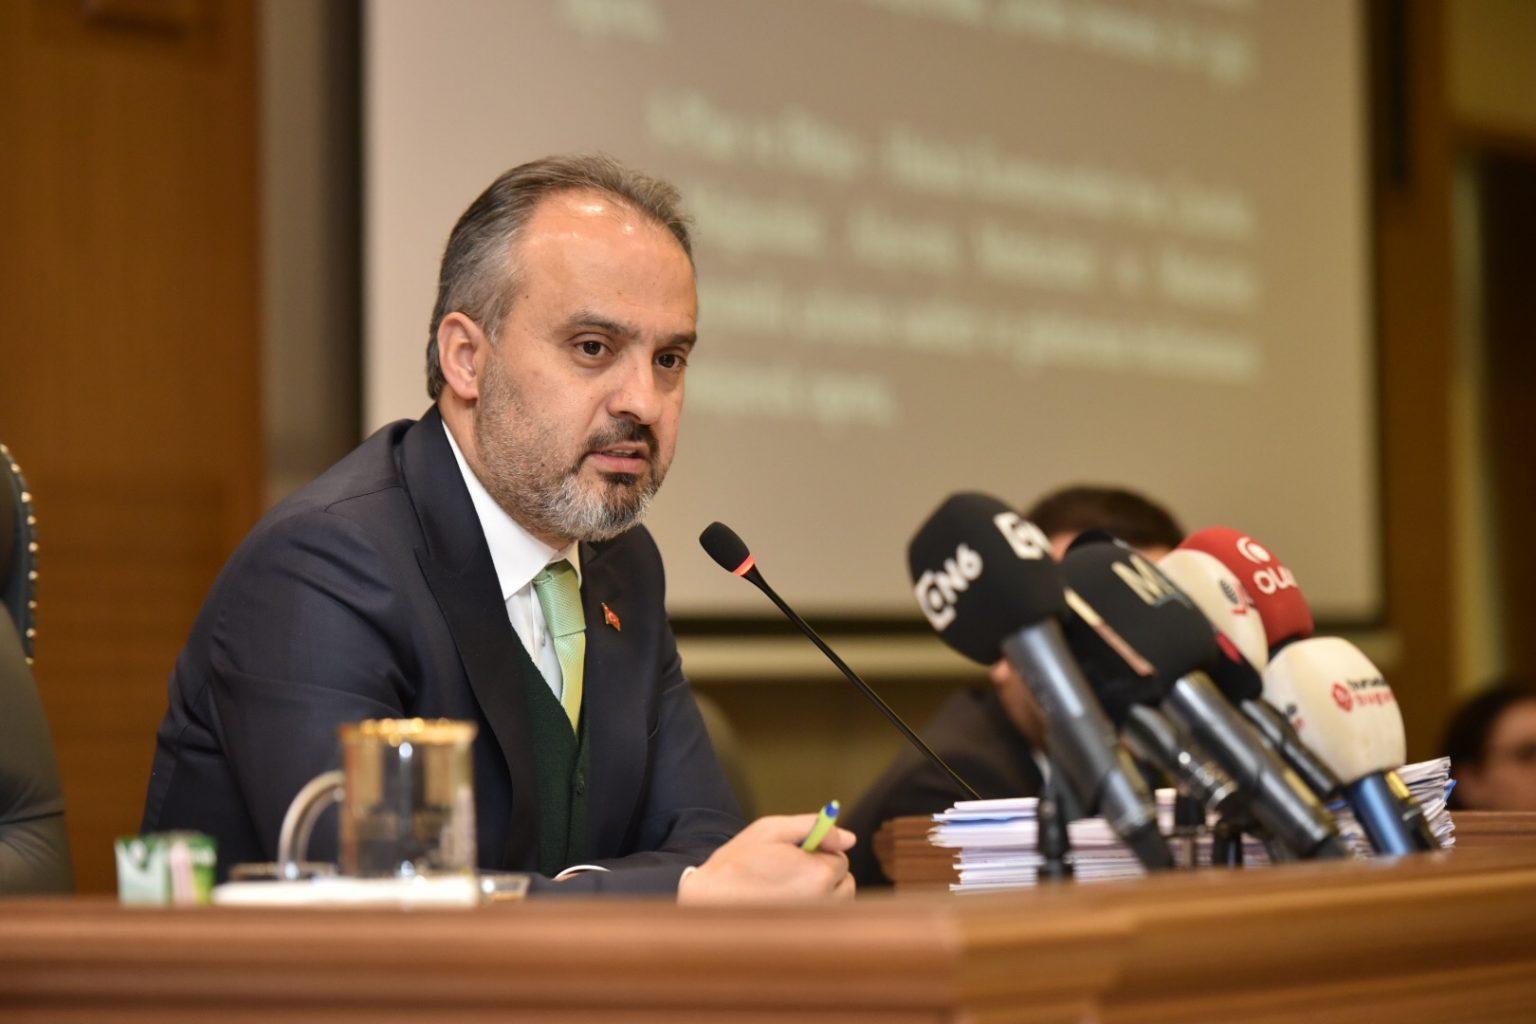 Bursa Büyükşehir Belediye Başkanı Alinur Aktaş 1